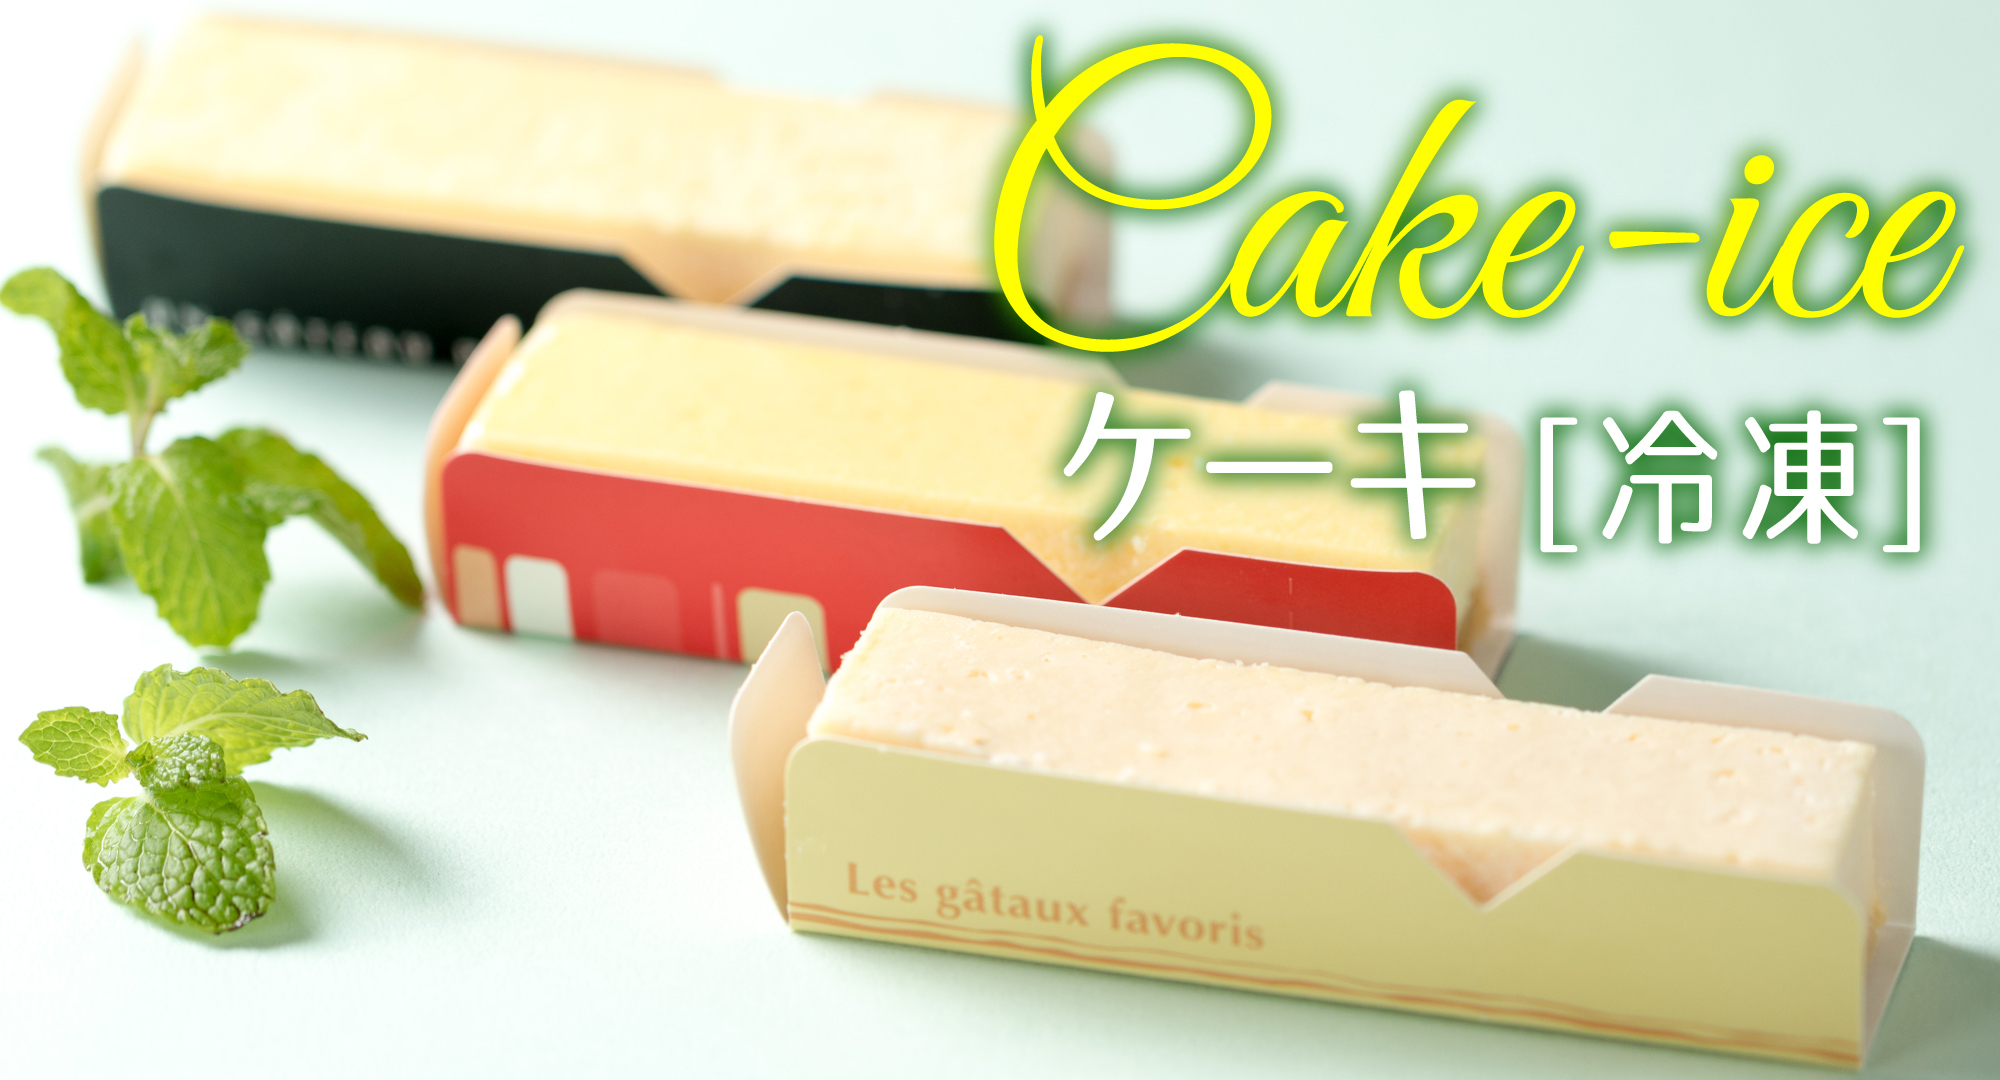 ケーキ[冷凍]